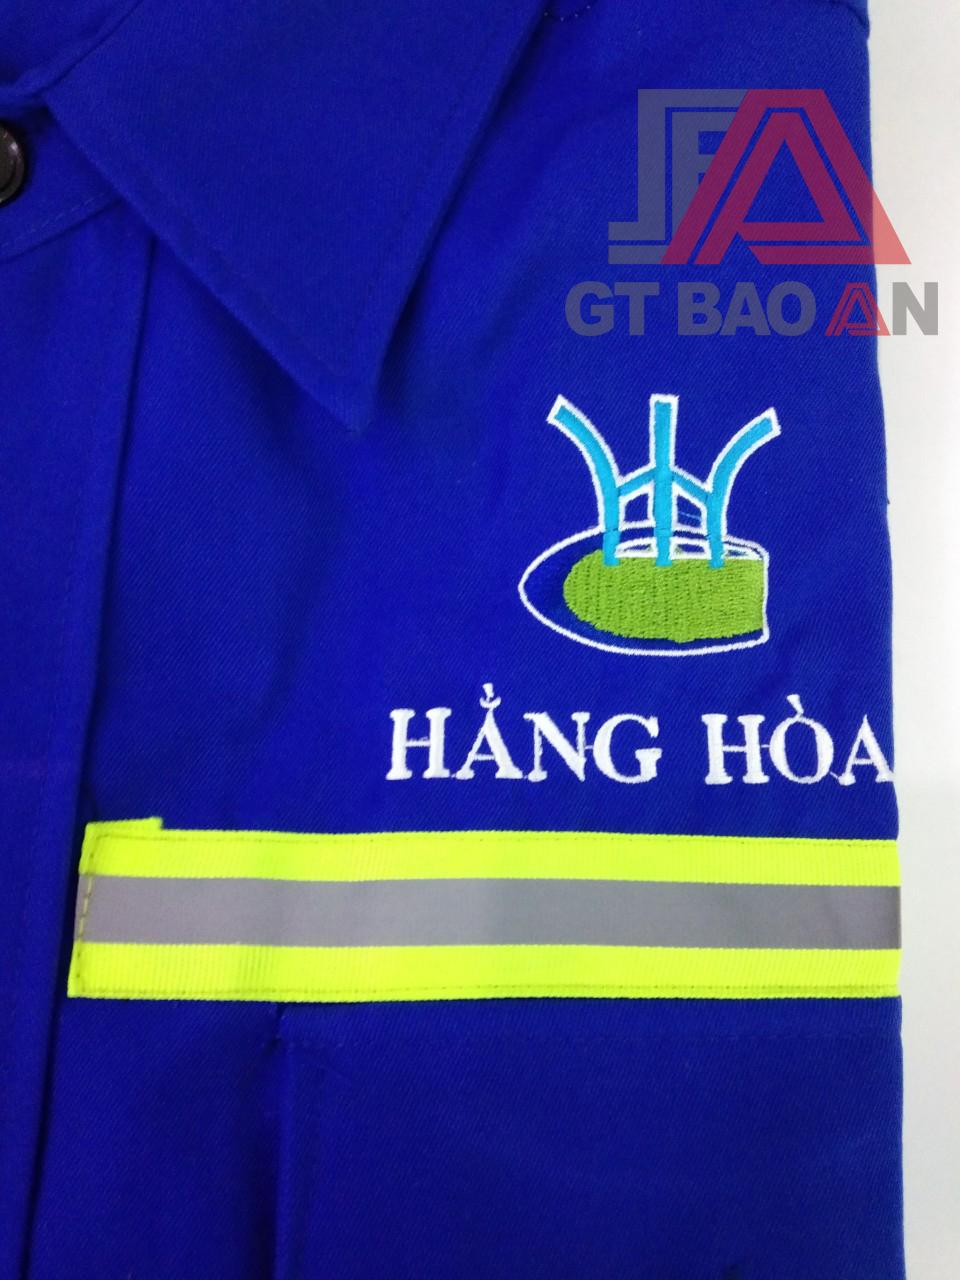 Quan-ao-bao-ho-lao-dong